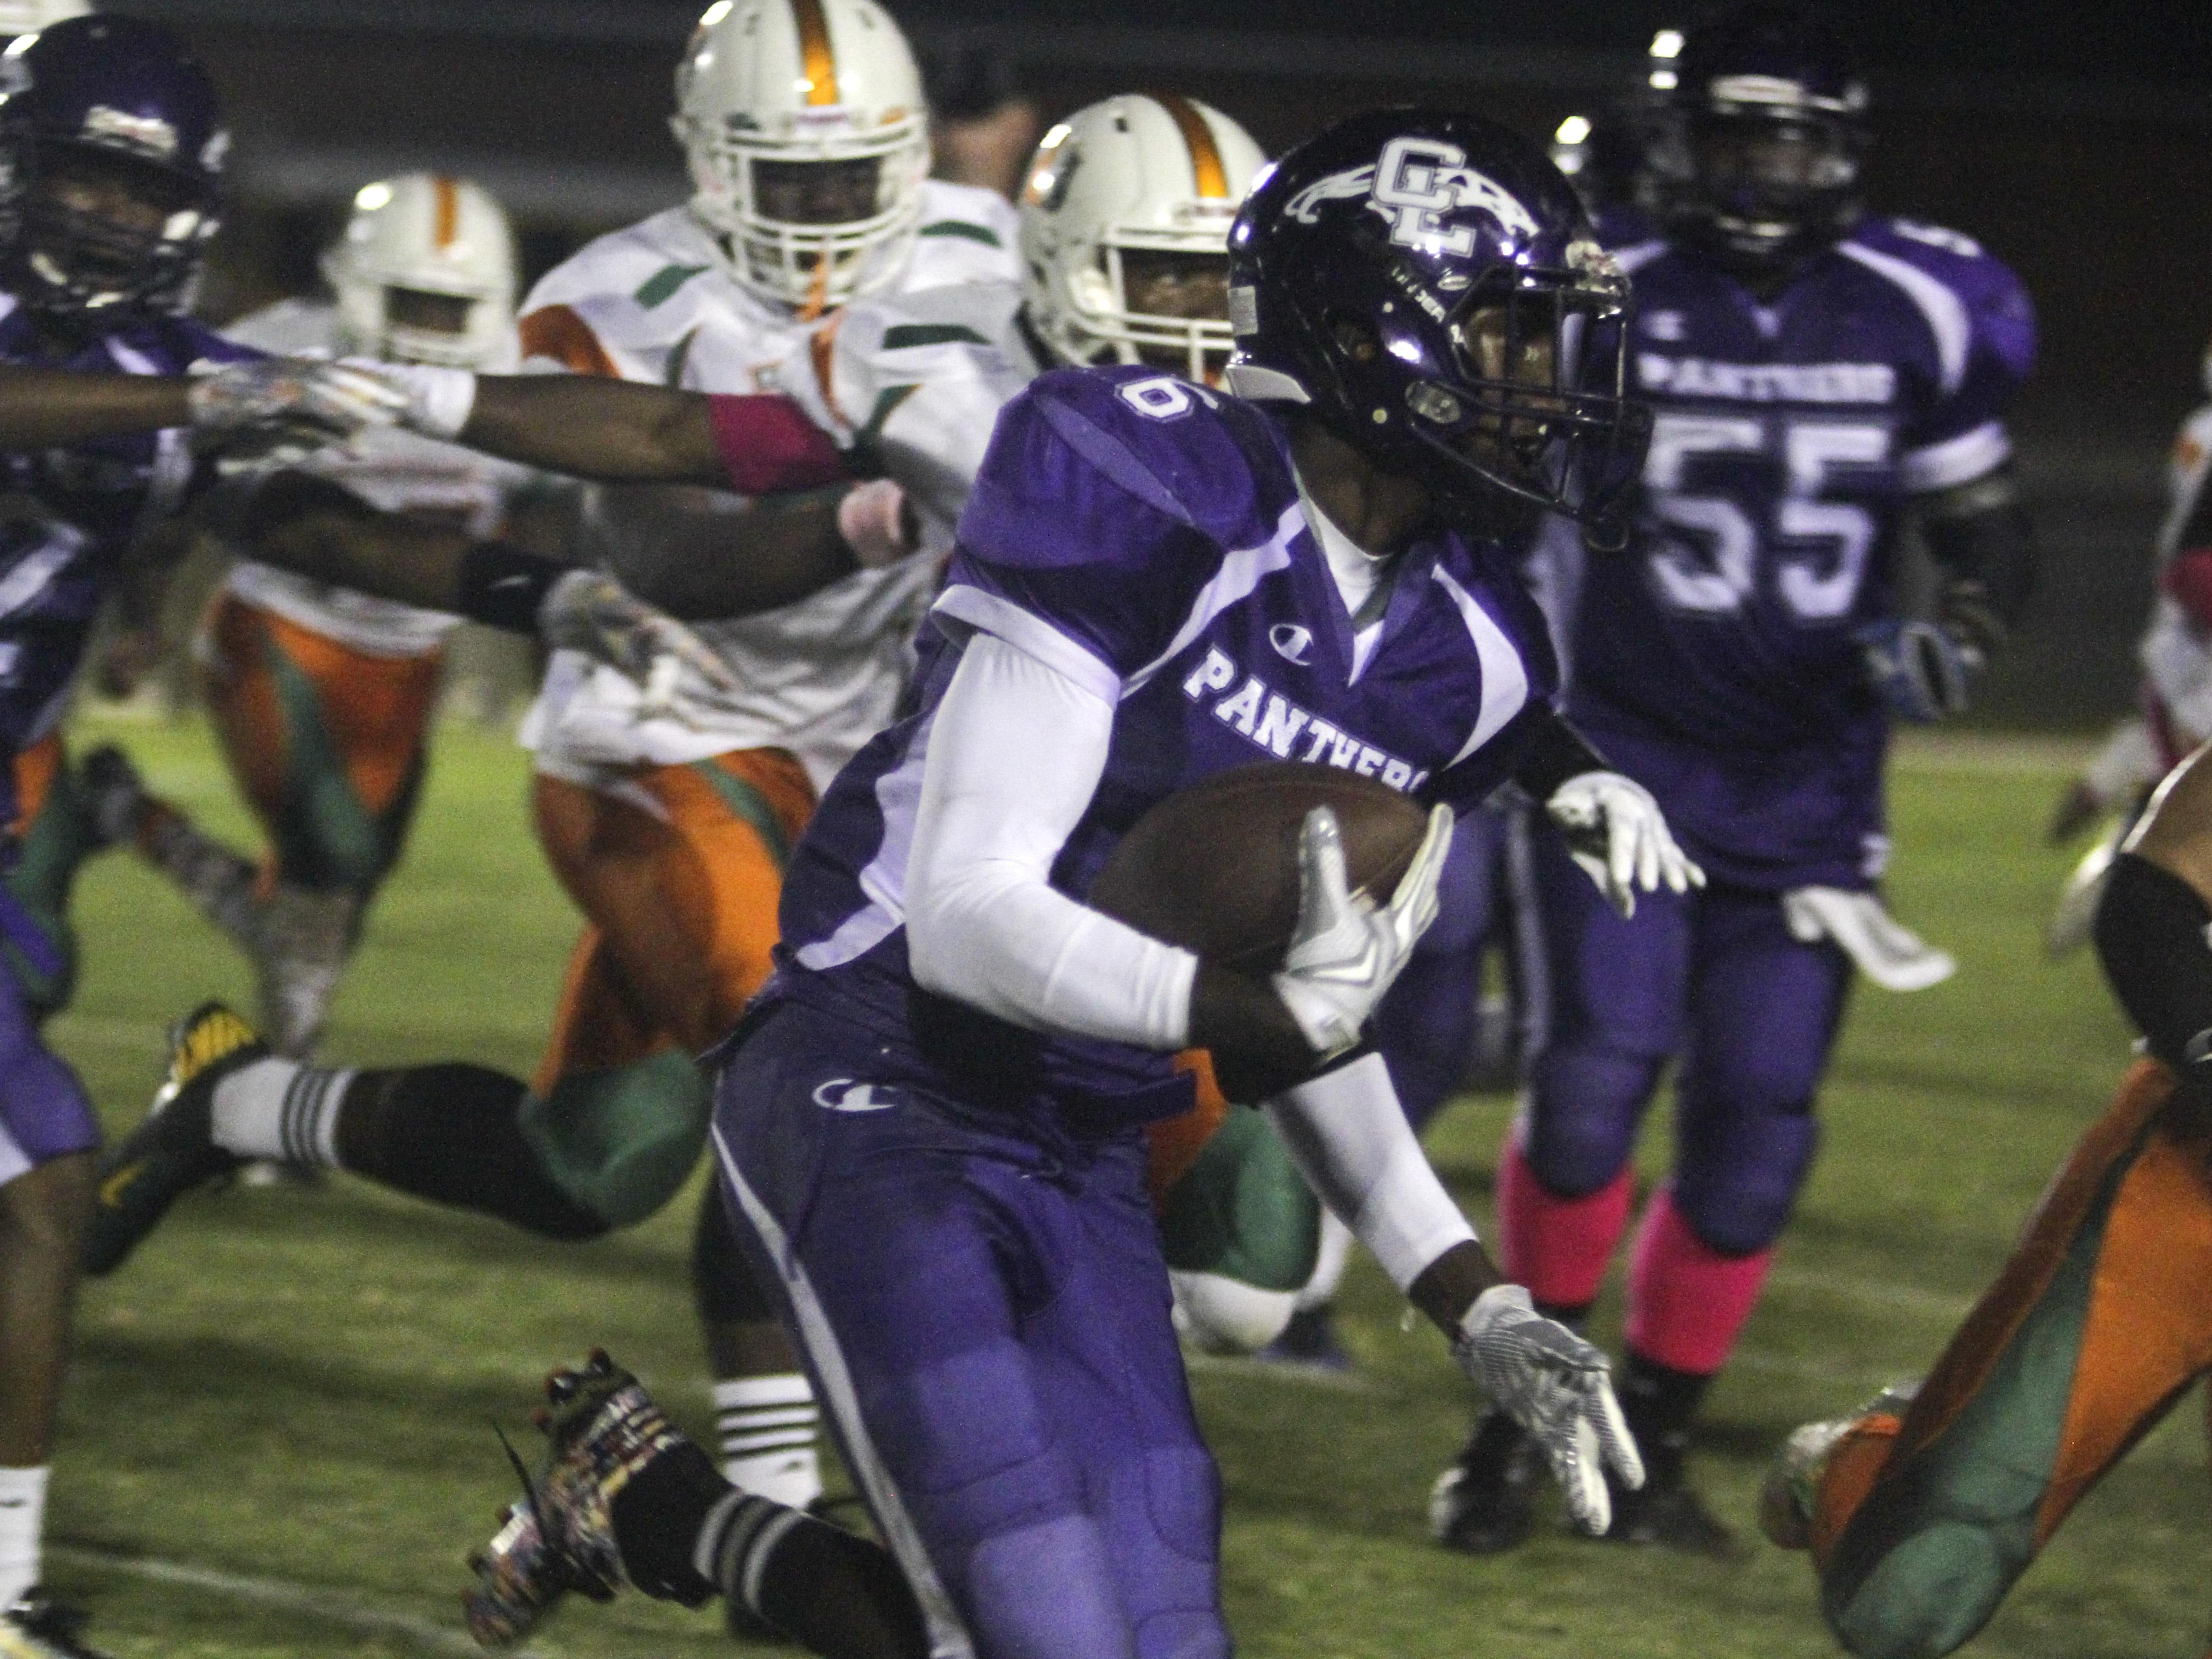 Cypress Lake's Yasir Abdullah runs the ball against Dunbar on Friday, October 16, 2015, in at Cypress Lake High School.